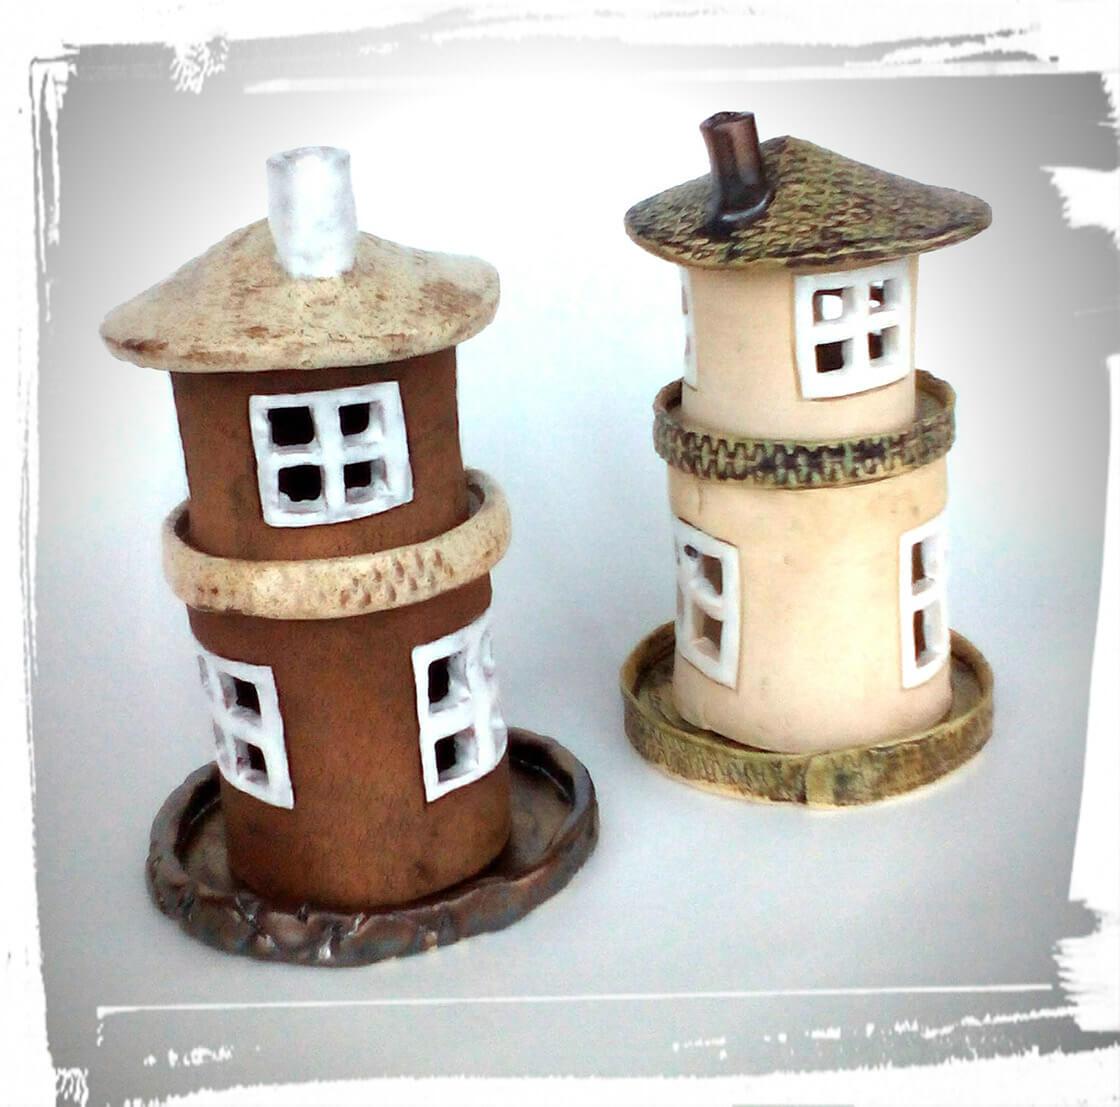 https://www.ateliervz.cz/wp-content/uploads/2020/07/ateliervz_keramika_033.jpg